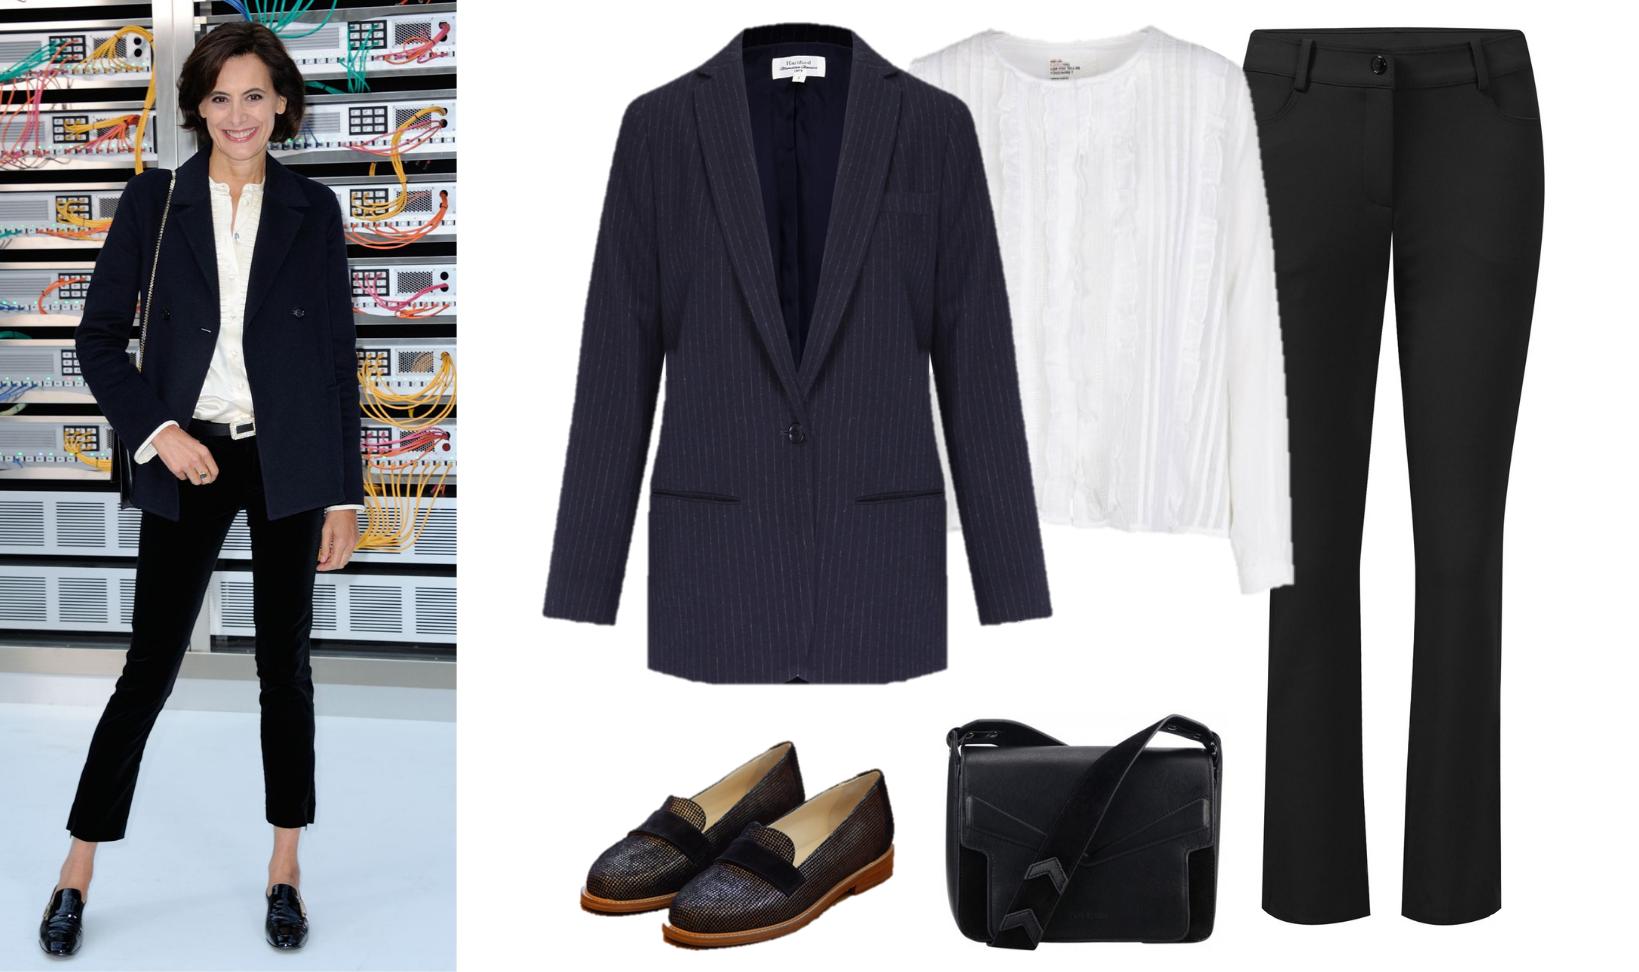 style, Inès de la Fressange, tendance, box, malle, shopping, confort, france, mannequin, mode, conseils